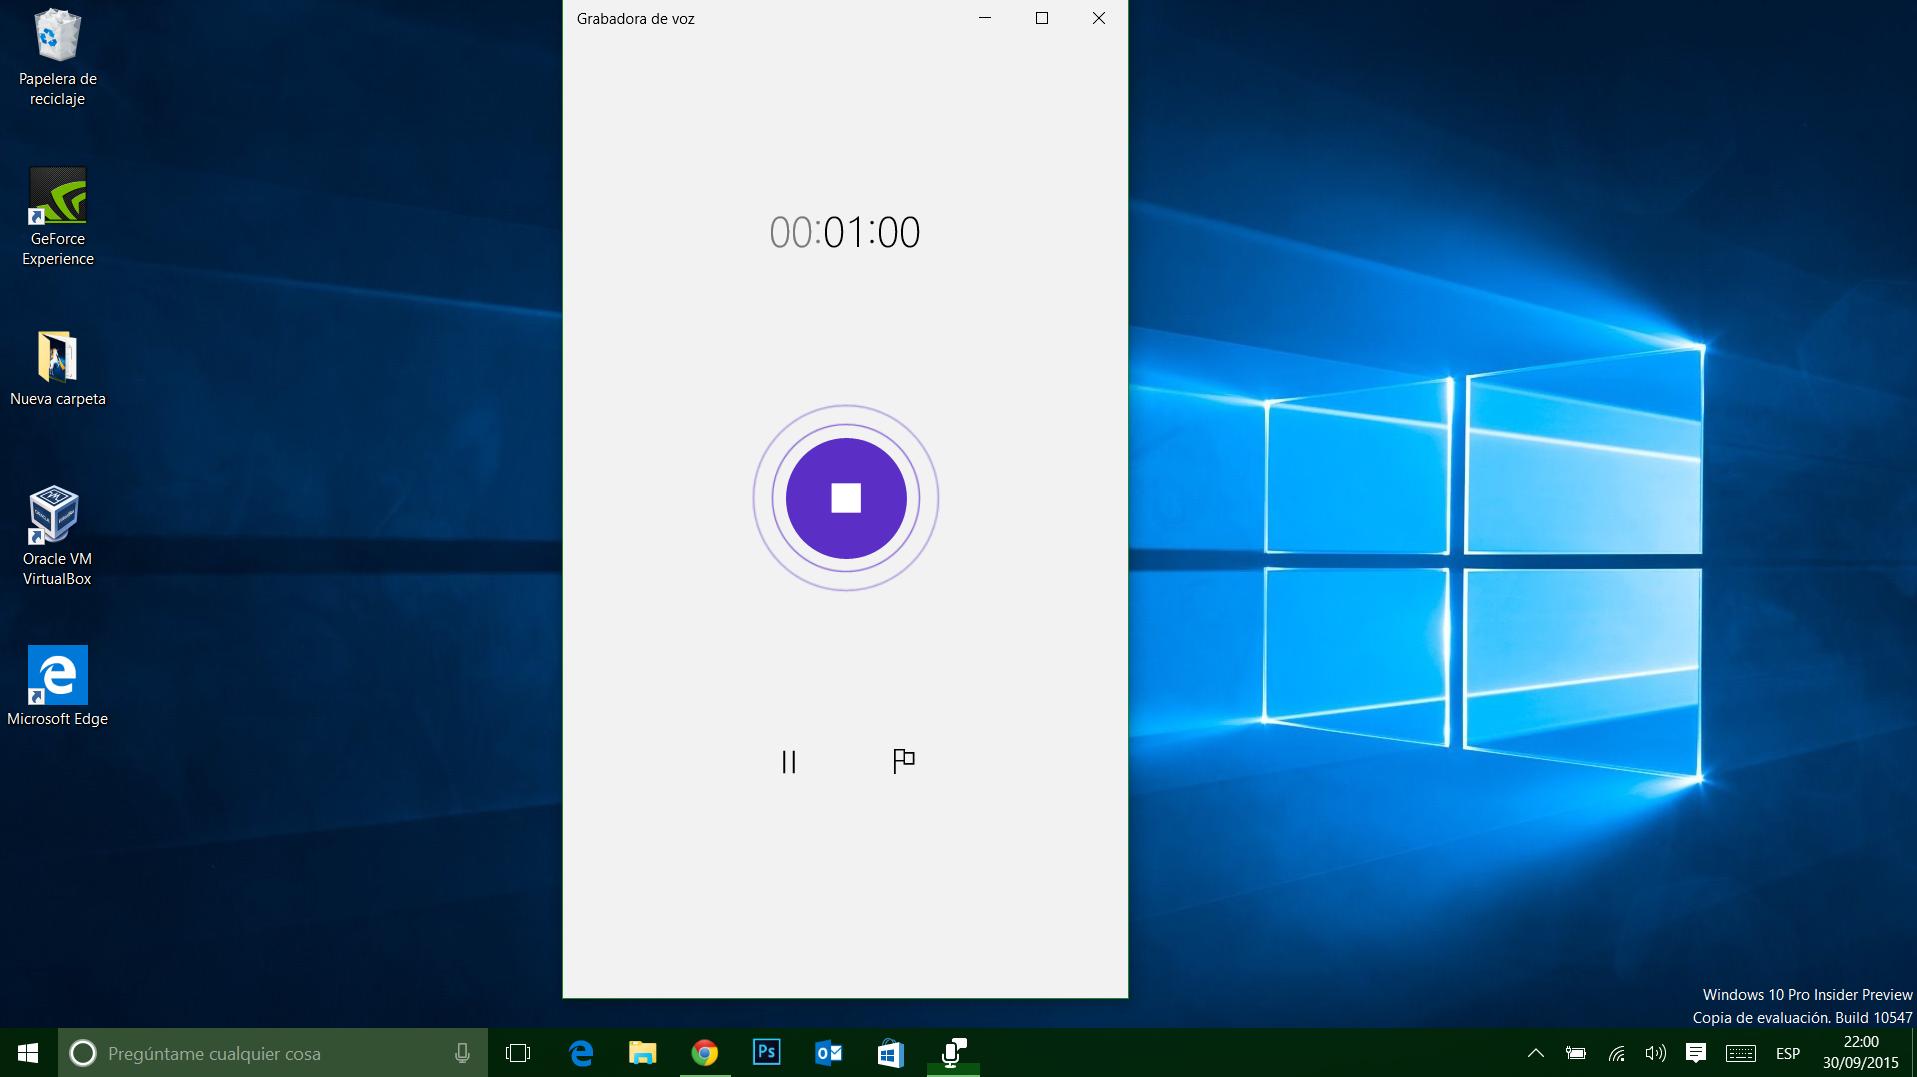 Come registrare l'audio del PC in Windows 10? 1